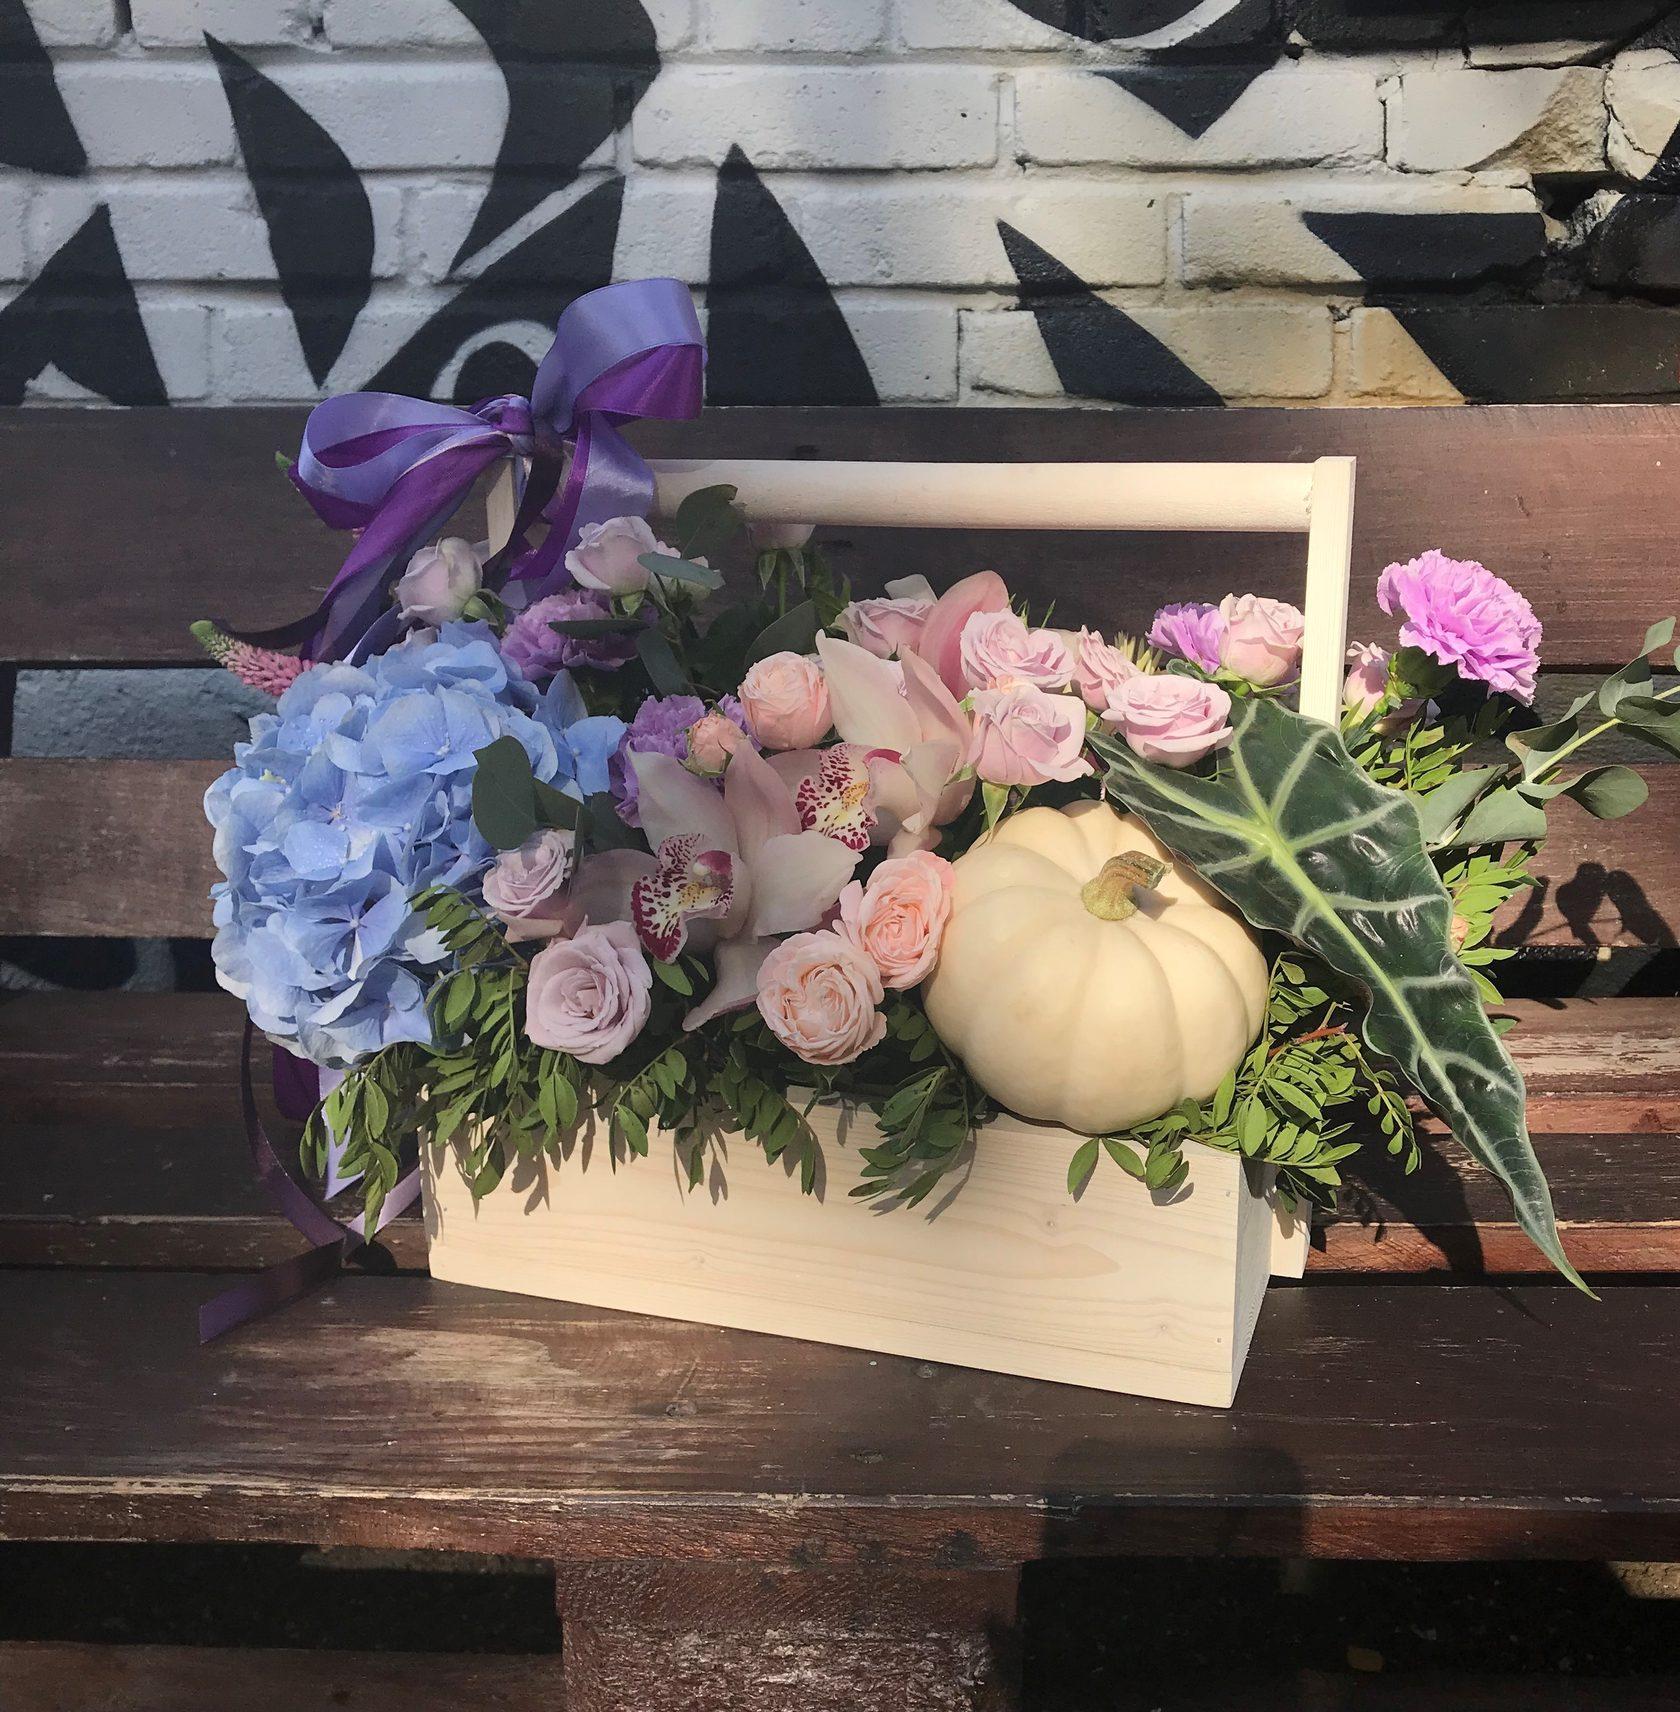 Композиция из живых цветов с декоративной тыквой в деревянном ящике